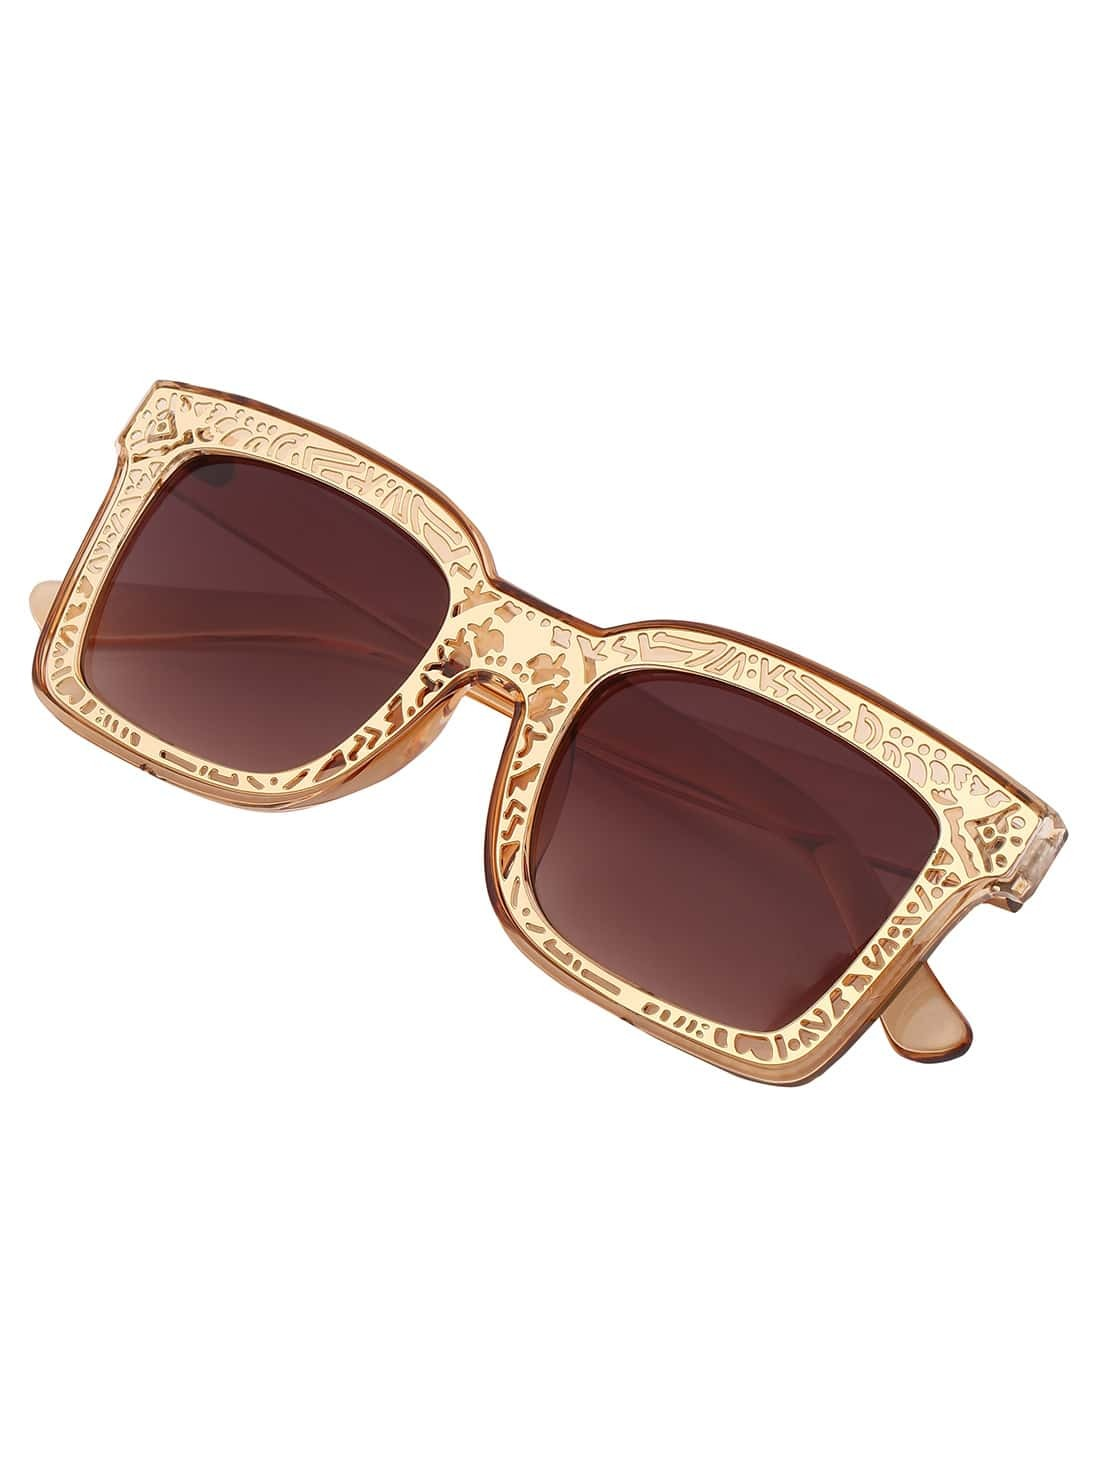 Golden Tribal Print Frame SunglassesGolden Tribal Print Frame Sunglasses<br><br>color: Gold<br>size: None